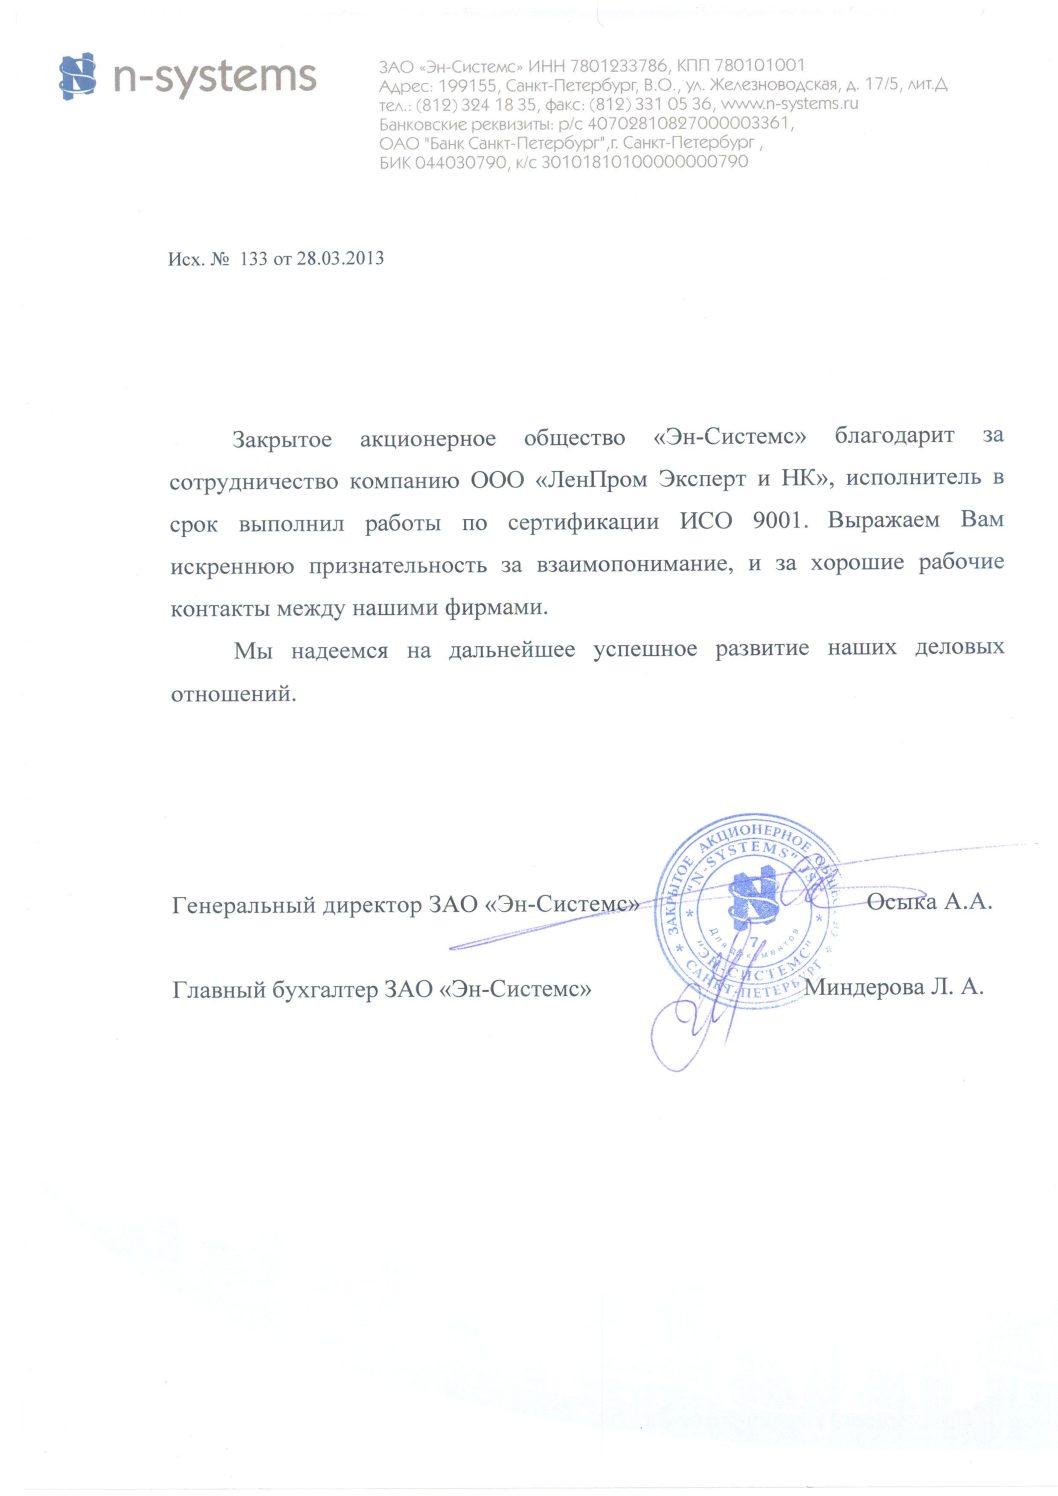 N-SYSTEMS, ОФОРМЛЕНИЕ СЕРТИФИКАТА ISO 9001